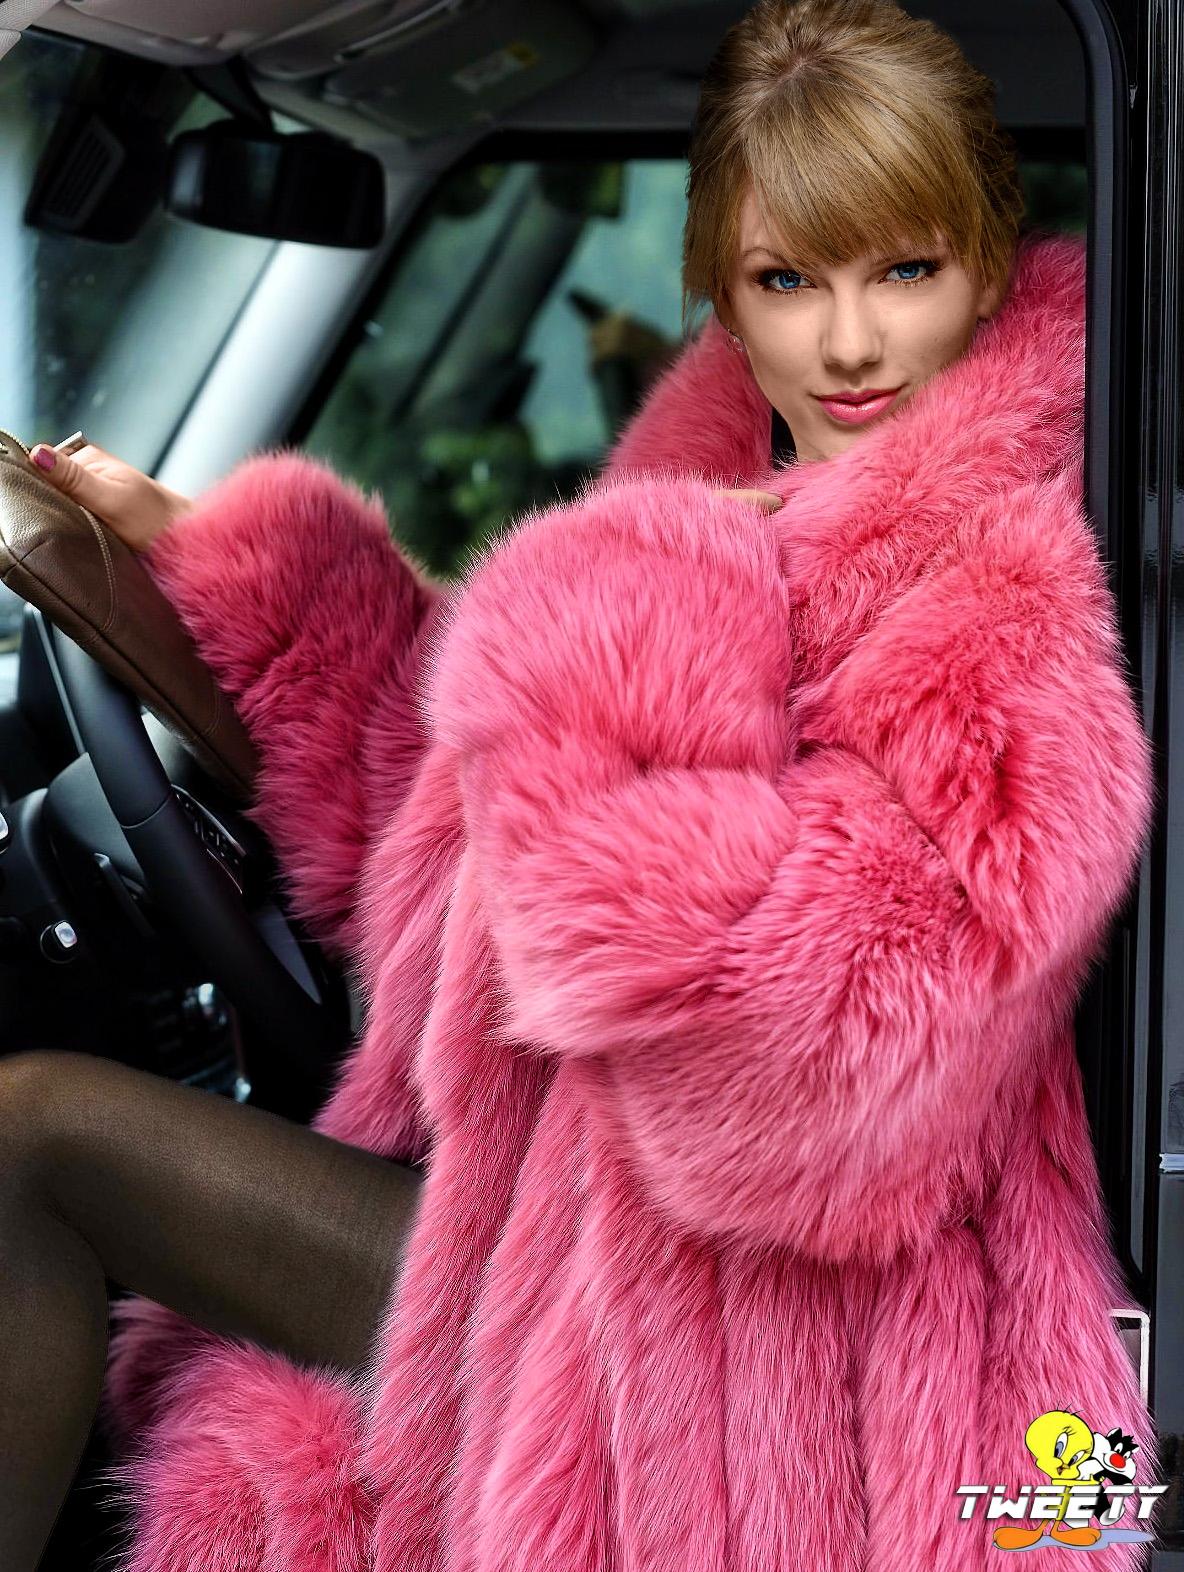 Taylor Swift In Fox Fur Coat Commission By Tweety63 On Deviantart